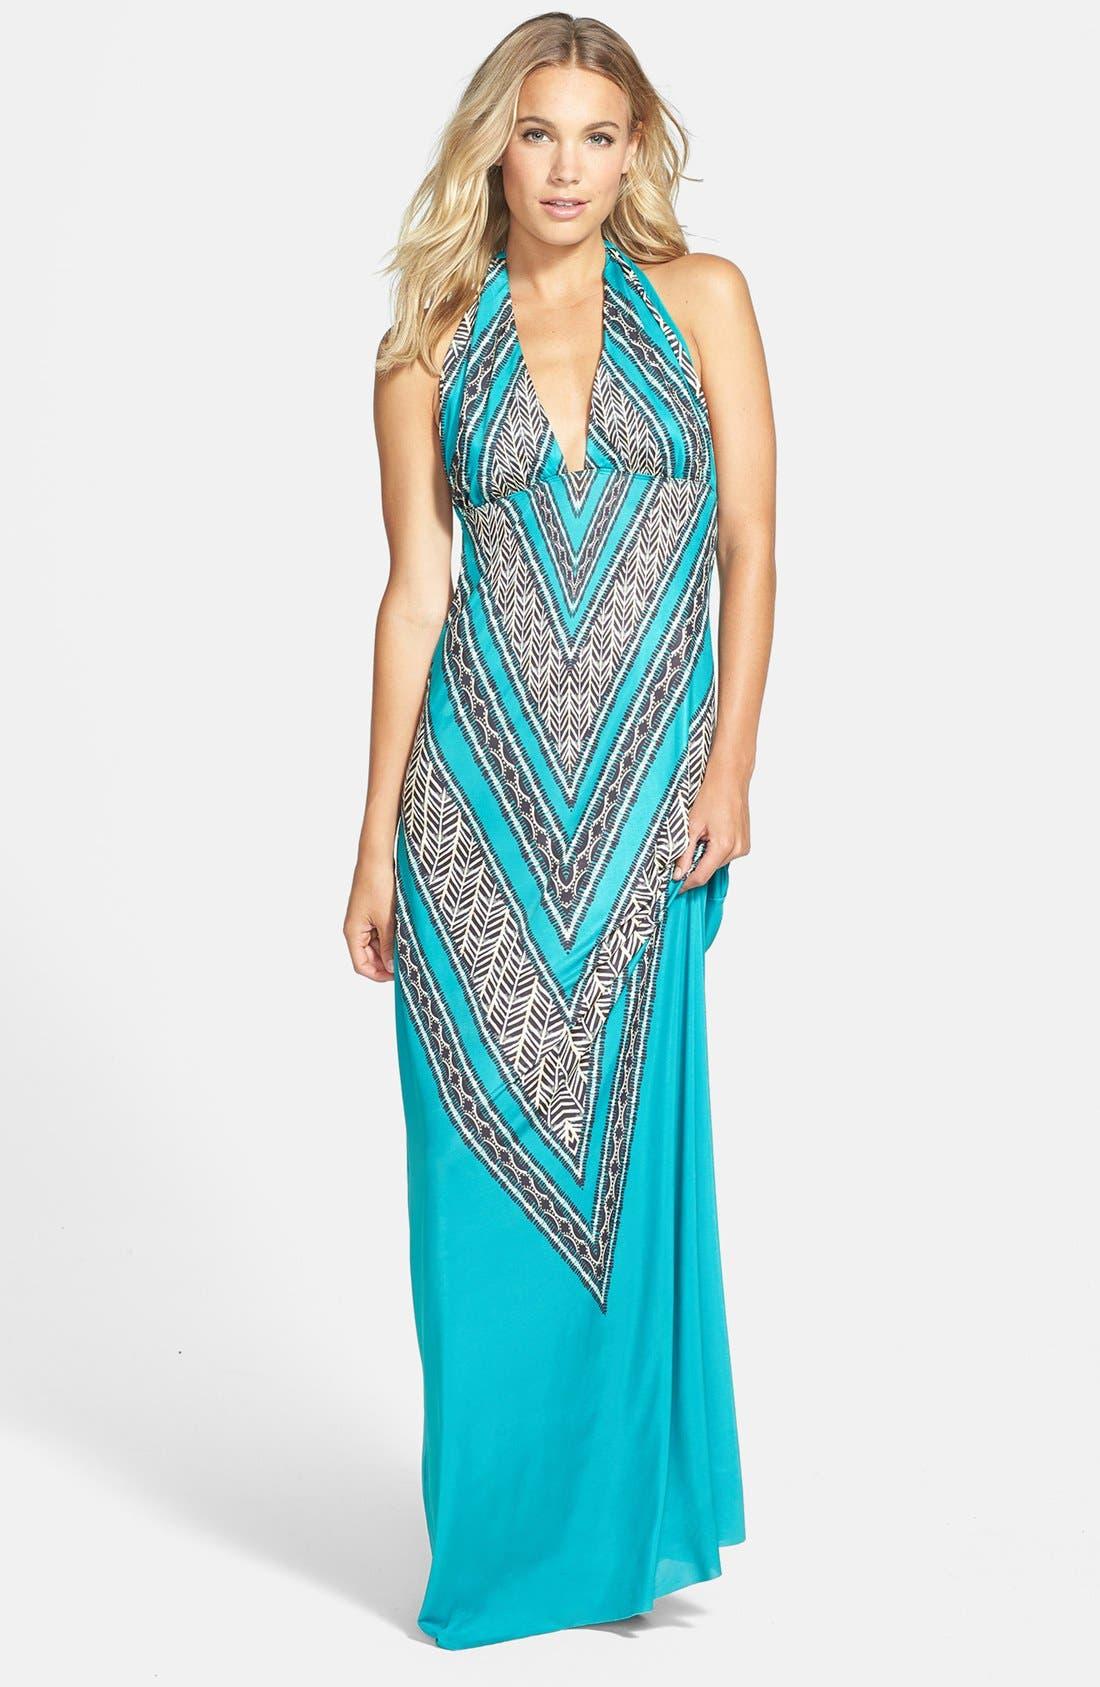 Alternate Image 1 Selected - ViX Swimwear 'Xingu Bahama' Maxi Dress